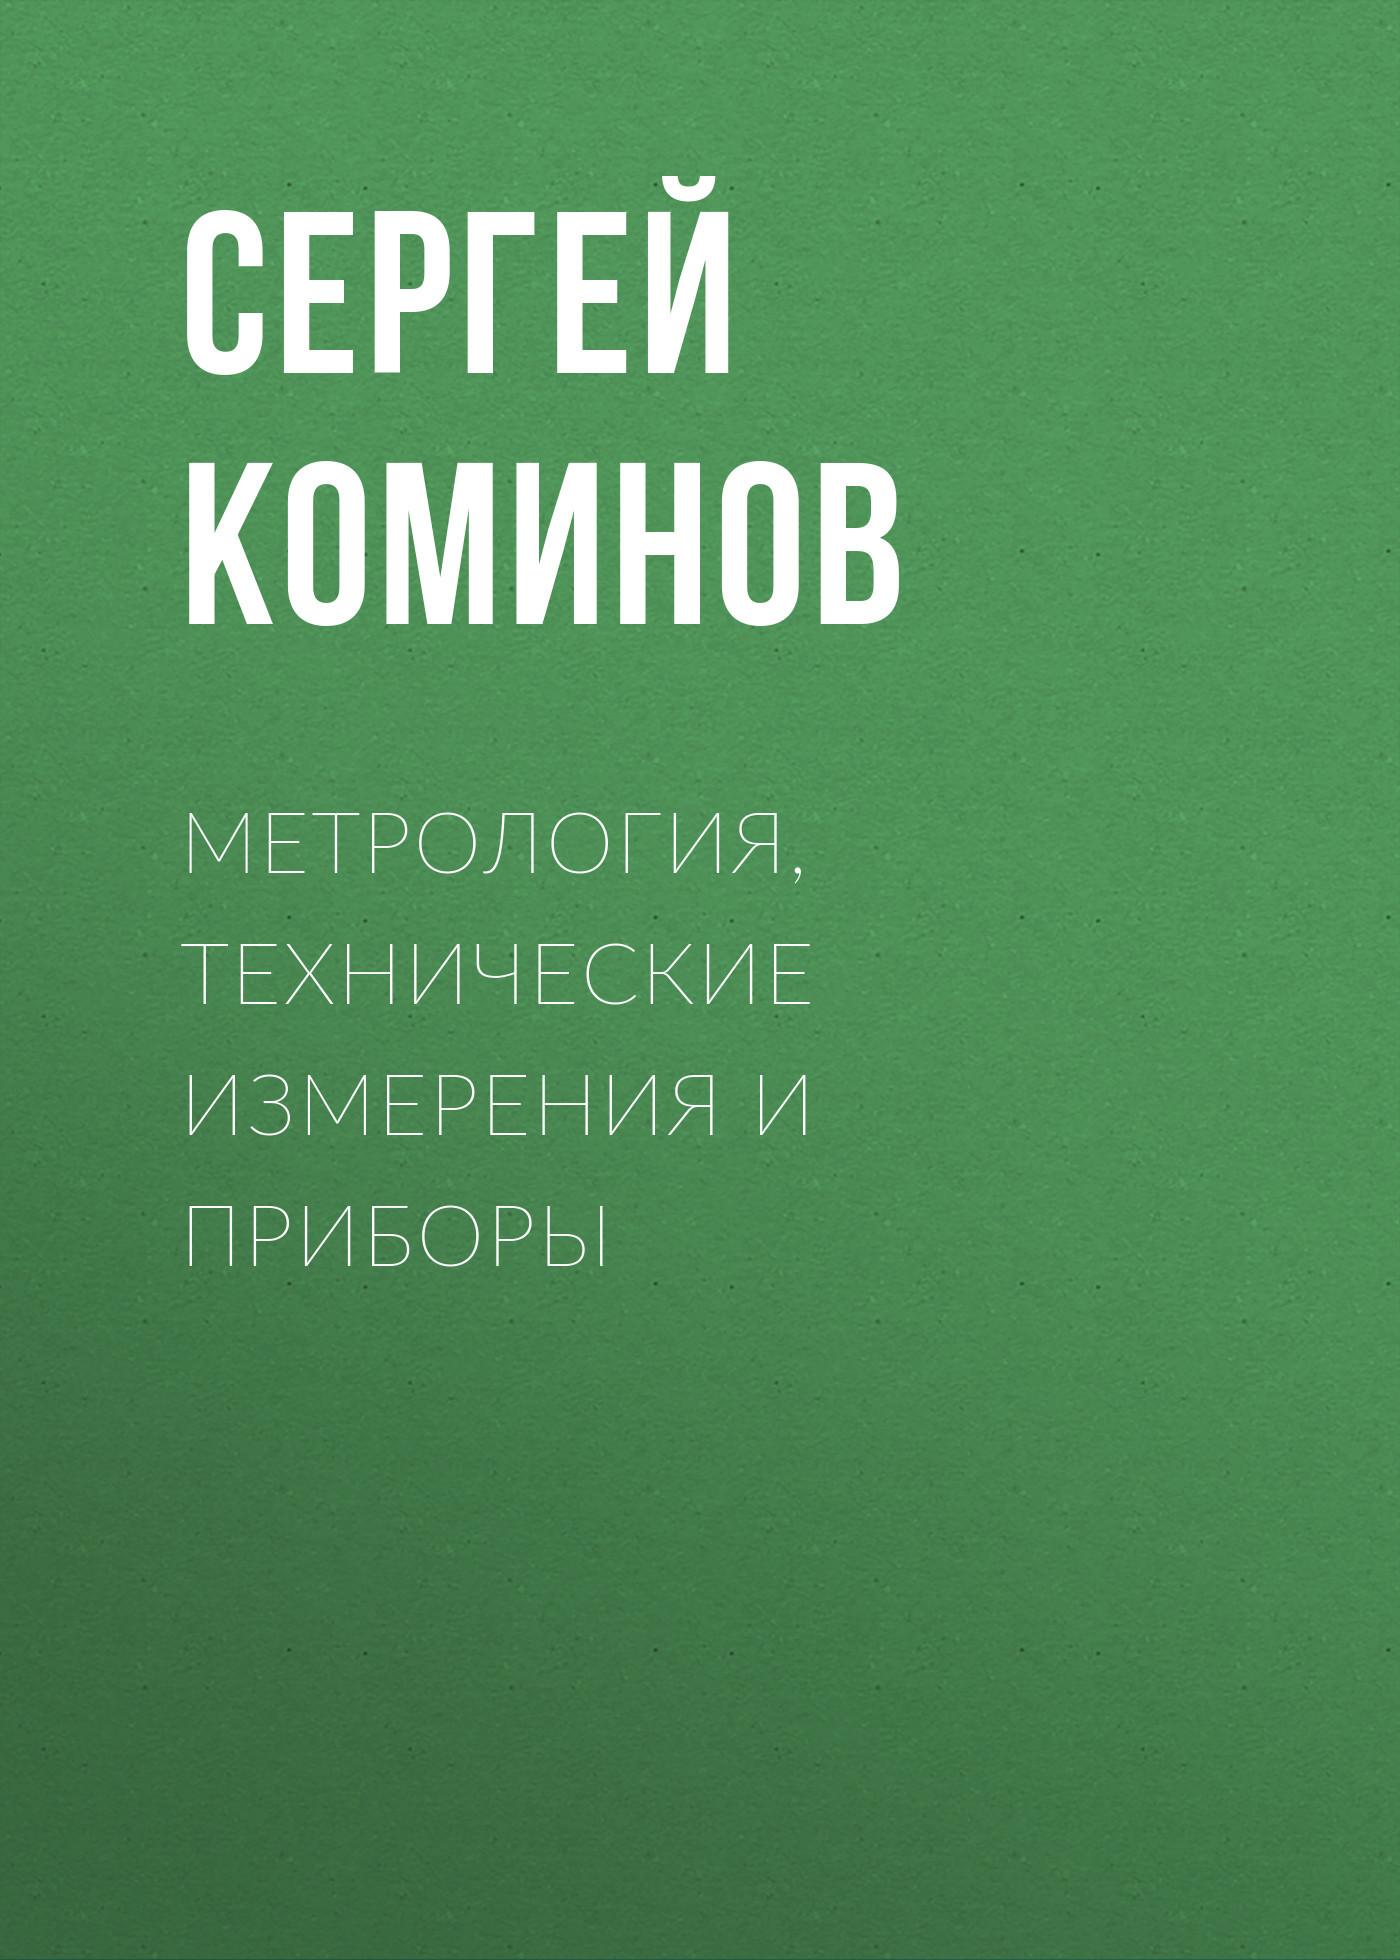 Сергей Коминов Метрология, технические измерения и приборы